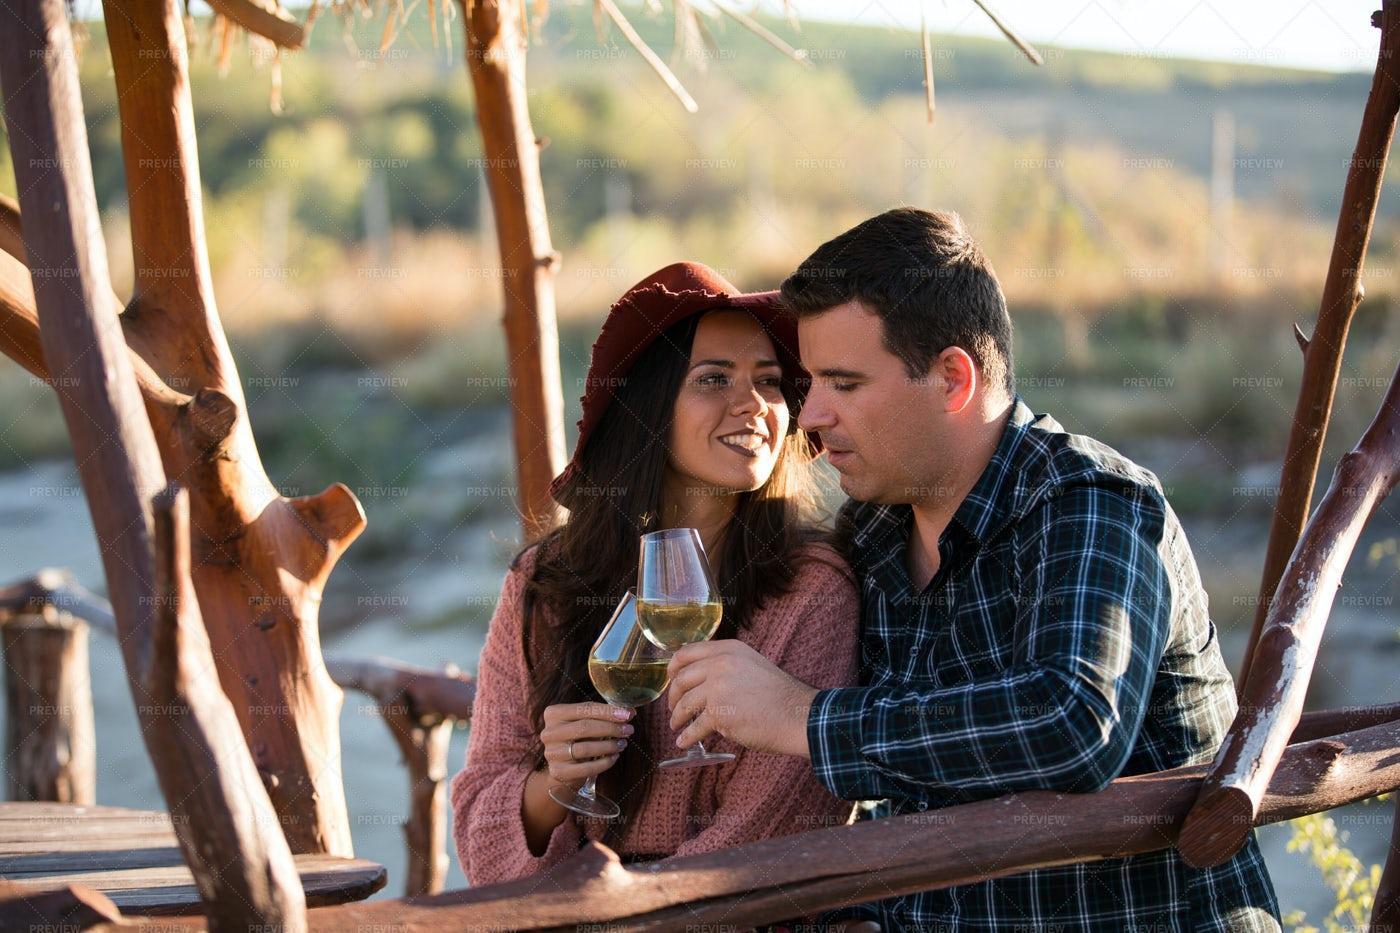 Couple Date At Vineyard: Stock Photos